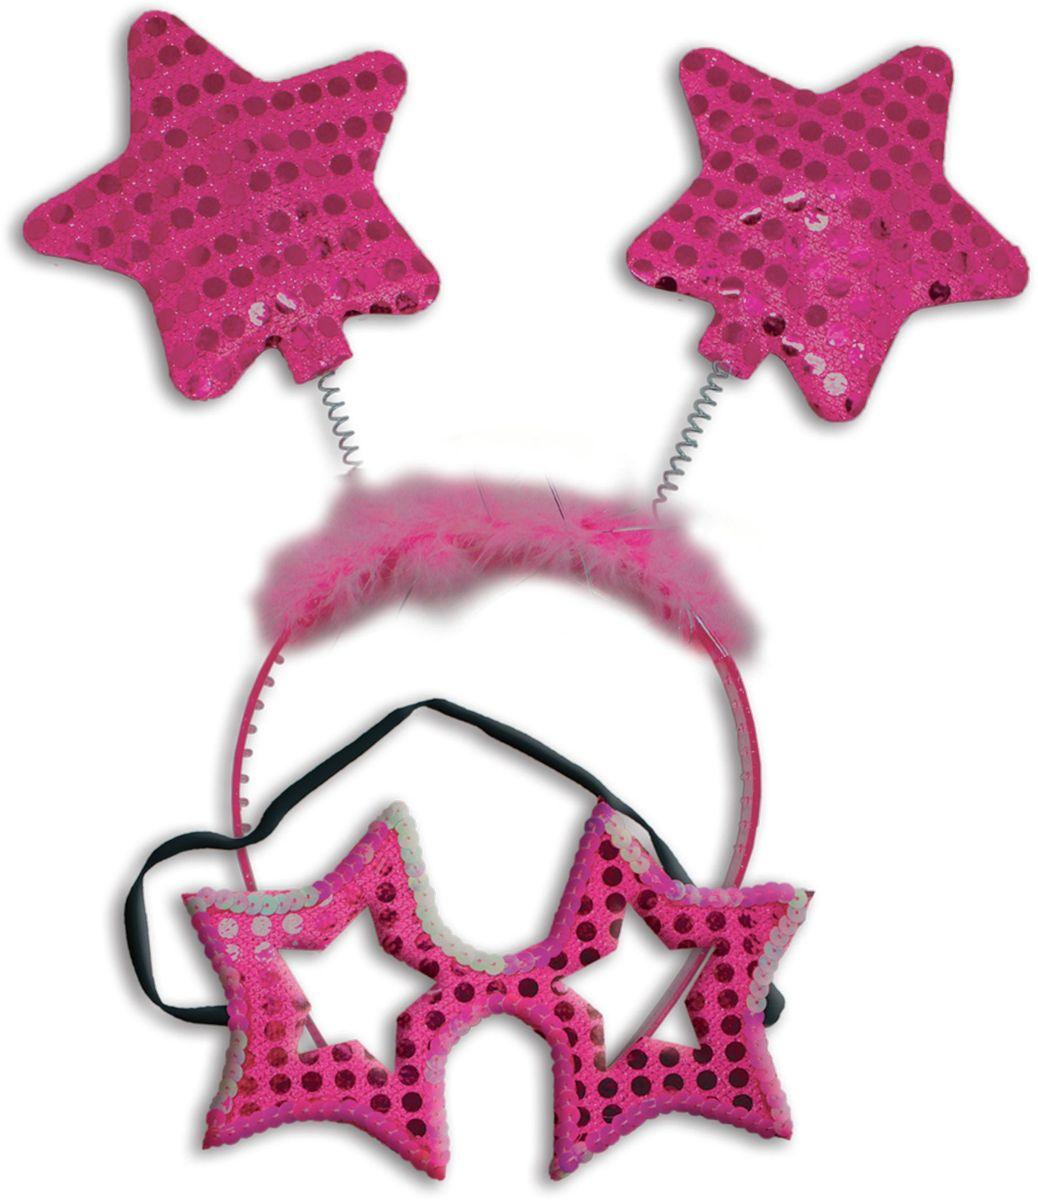 Partymania Праздничный ободок Маска карнавальная со звездочками T1223 цвет ярко-розовыйT1223_ярко-розовыйИзделие развлекательного характера. Красочное дополнение к карнавальному костюму. Праздник станет ярким м красочным!